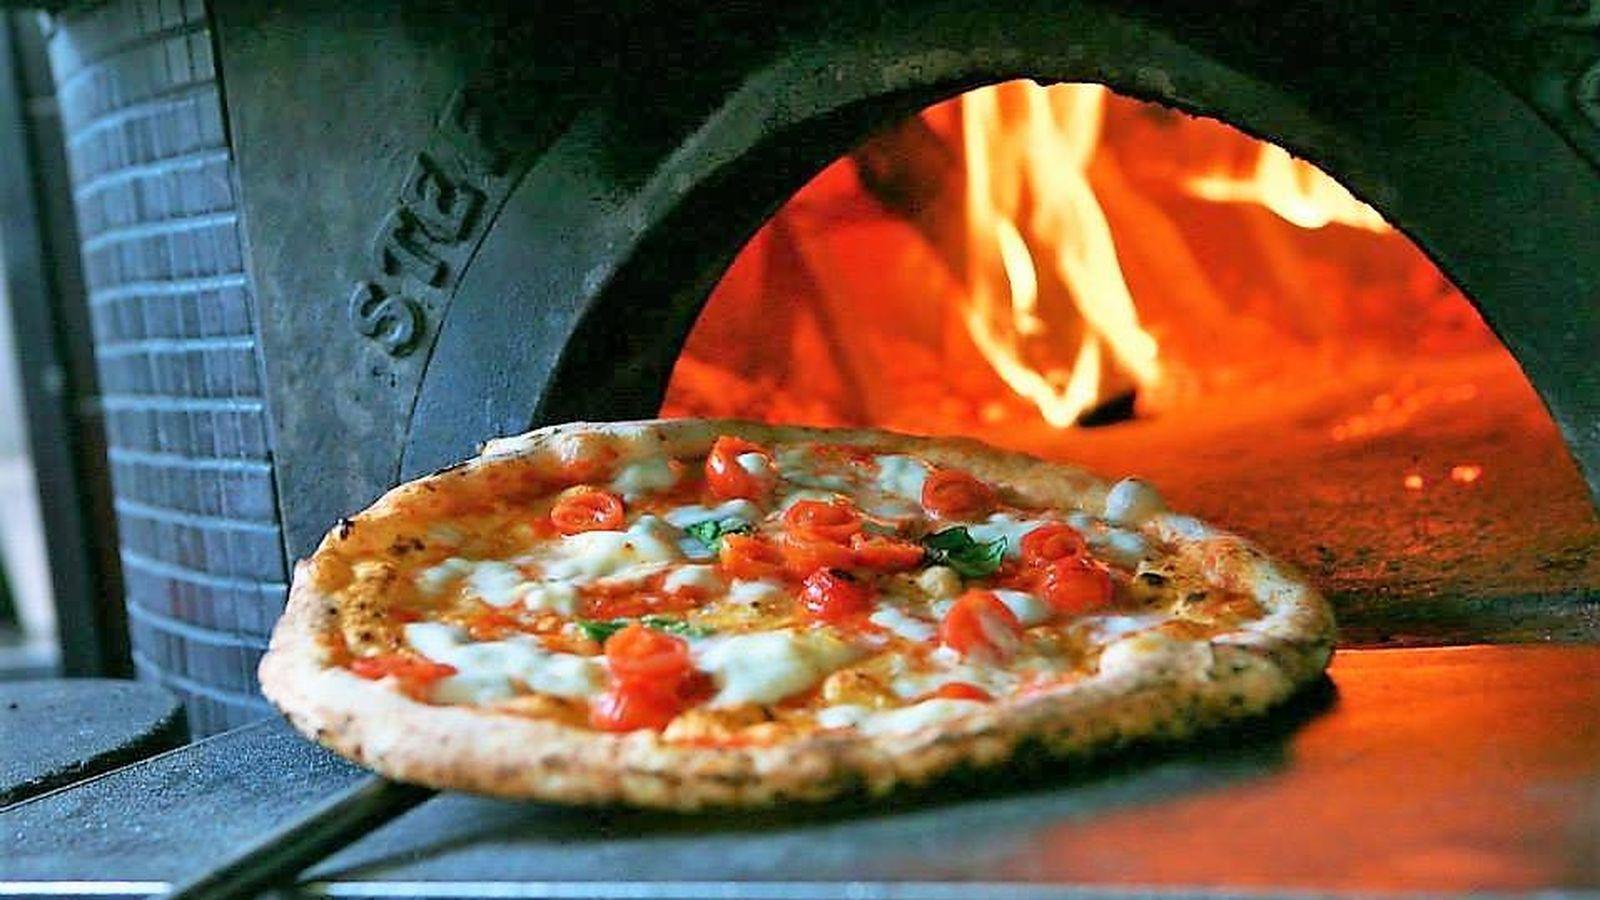 Virales Por Qué Siempre Debes Comprar La Pizza Más Grande Y Nos Dos Pequeñas